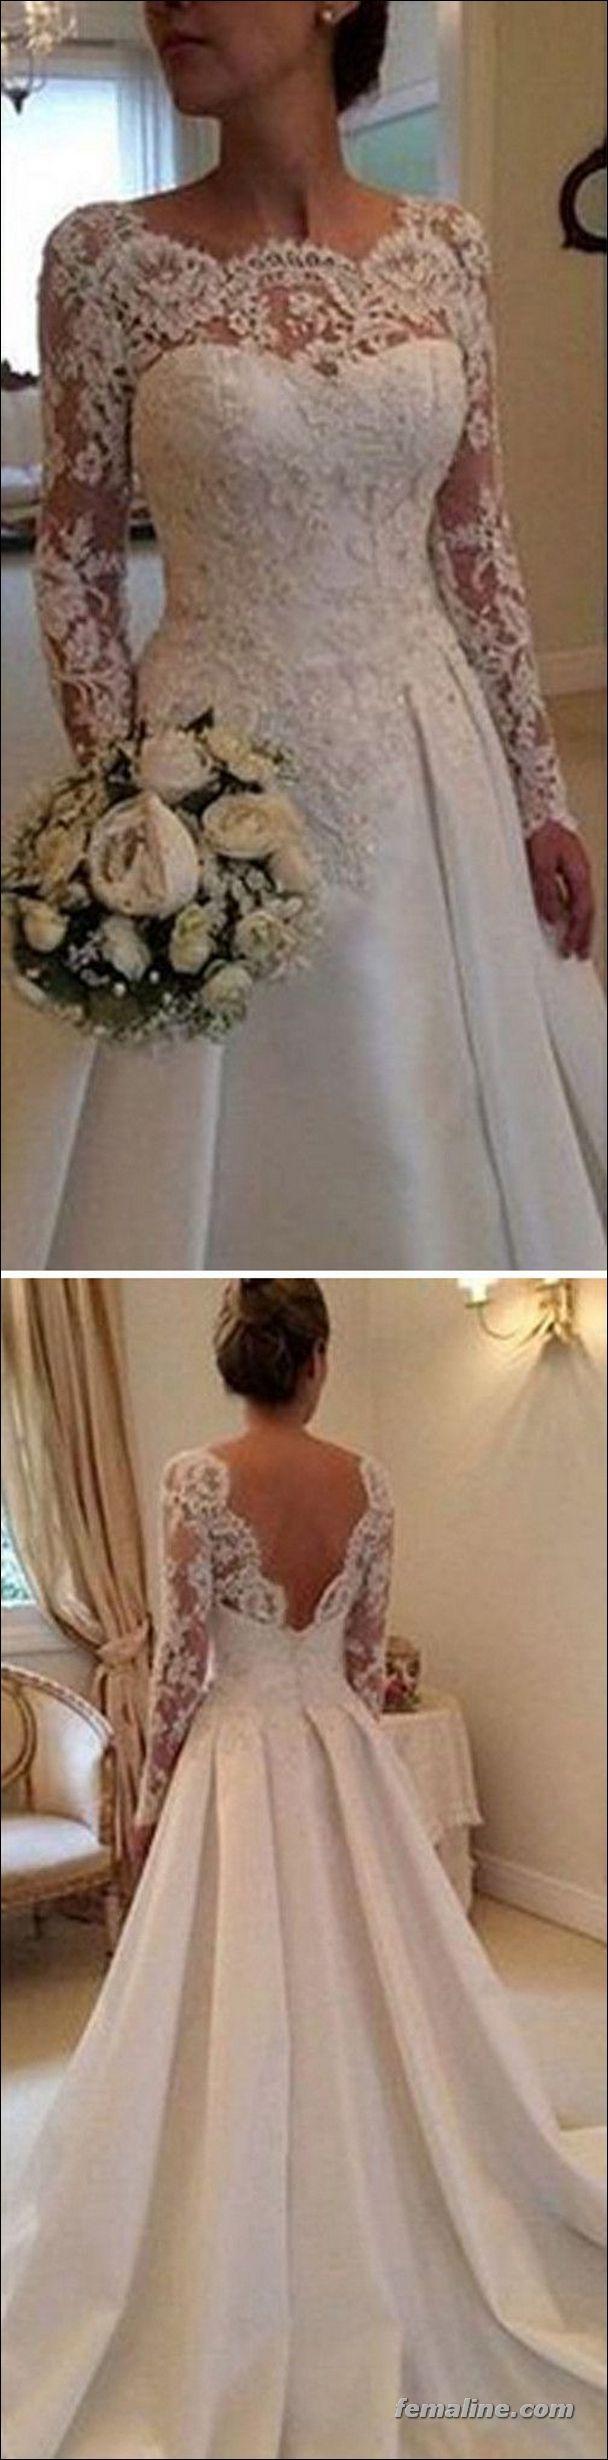 Southern Lace Wedding Dress